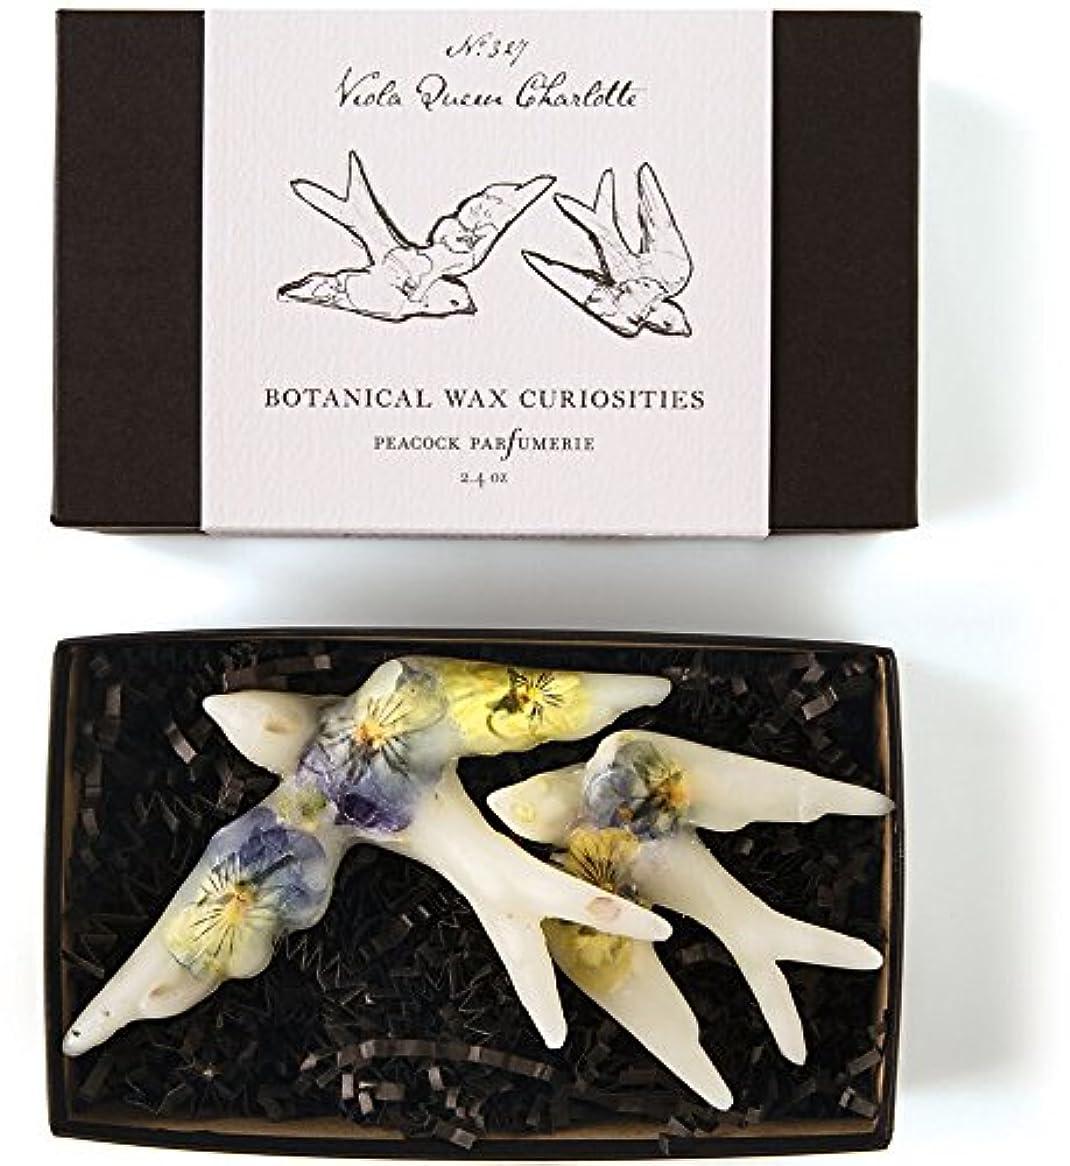 小数駐地誘うロージーリングス ボタニスト ボタニカルワックスキュリオシティ ビオラクィーンシャーロット ROSY RINGS Botanist Collection Botanical Wax Curiosities – Viola...